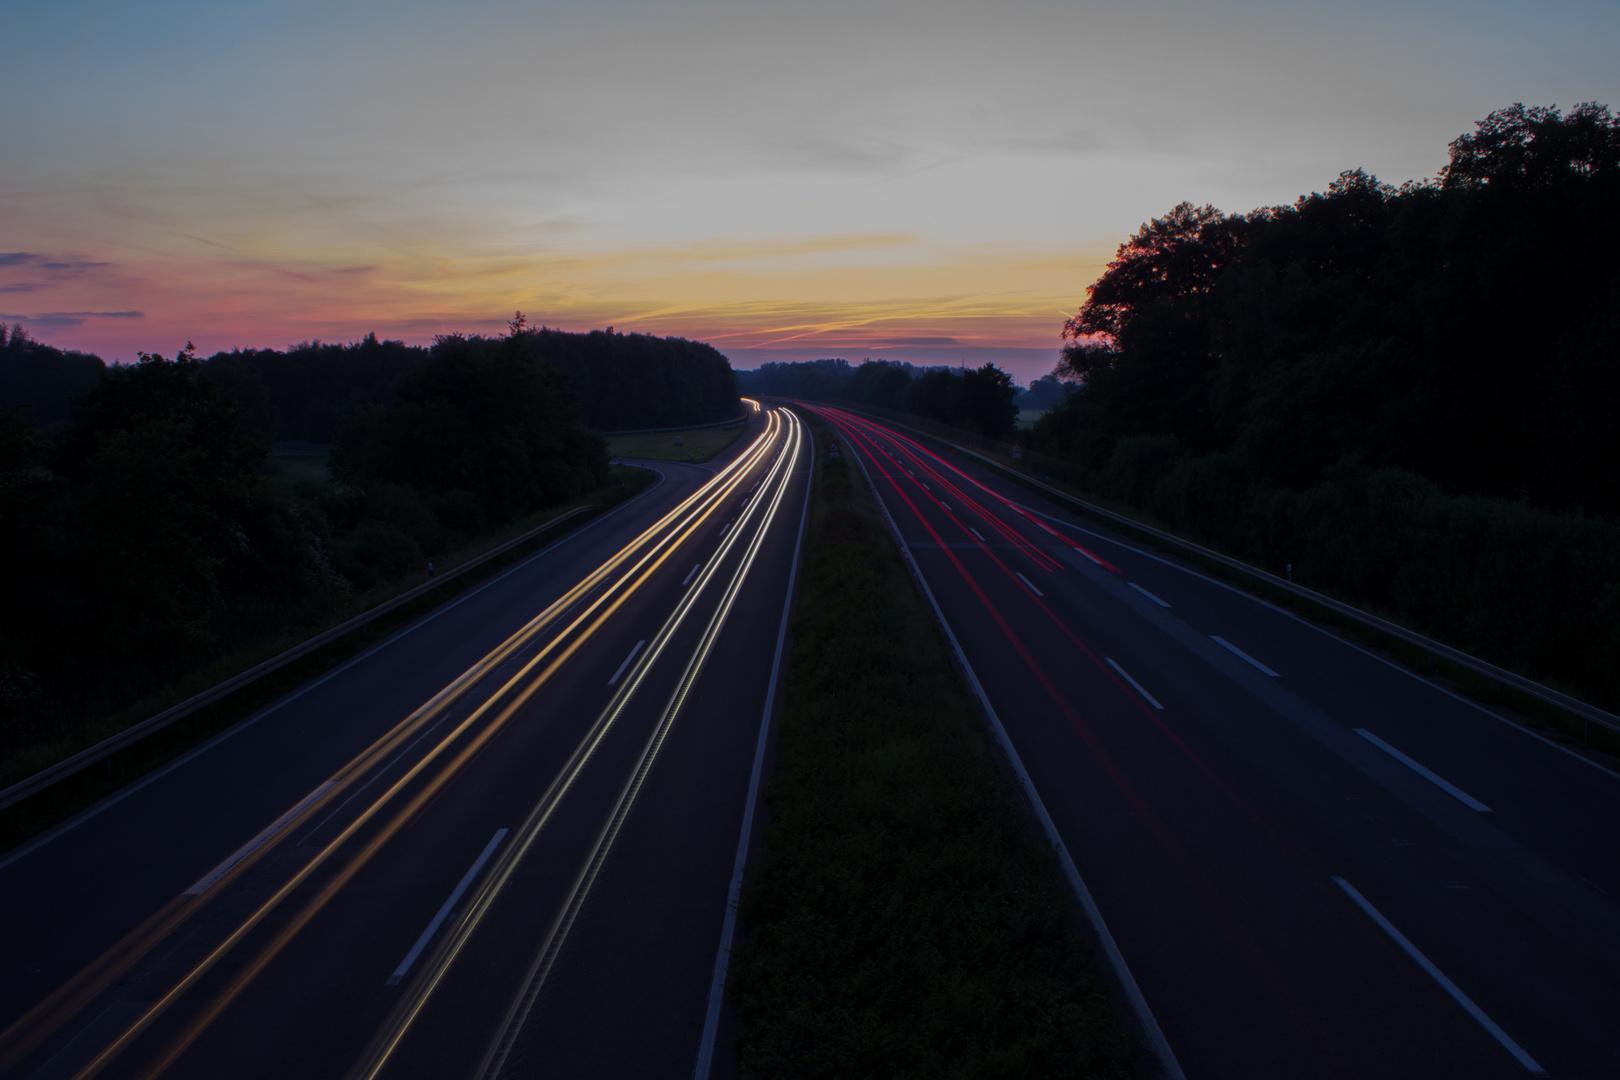 Lichtspuren Im Sonnenuntergang